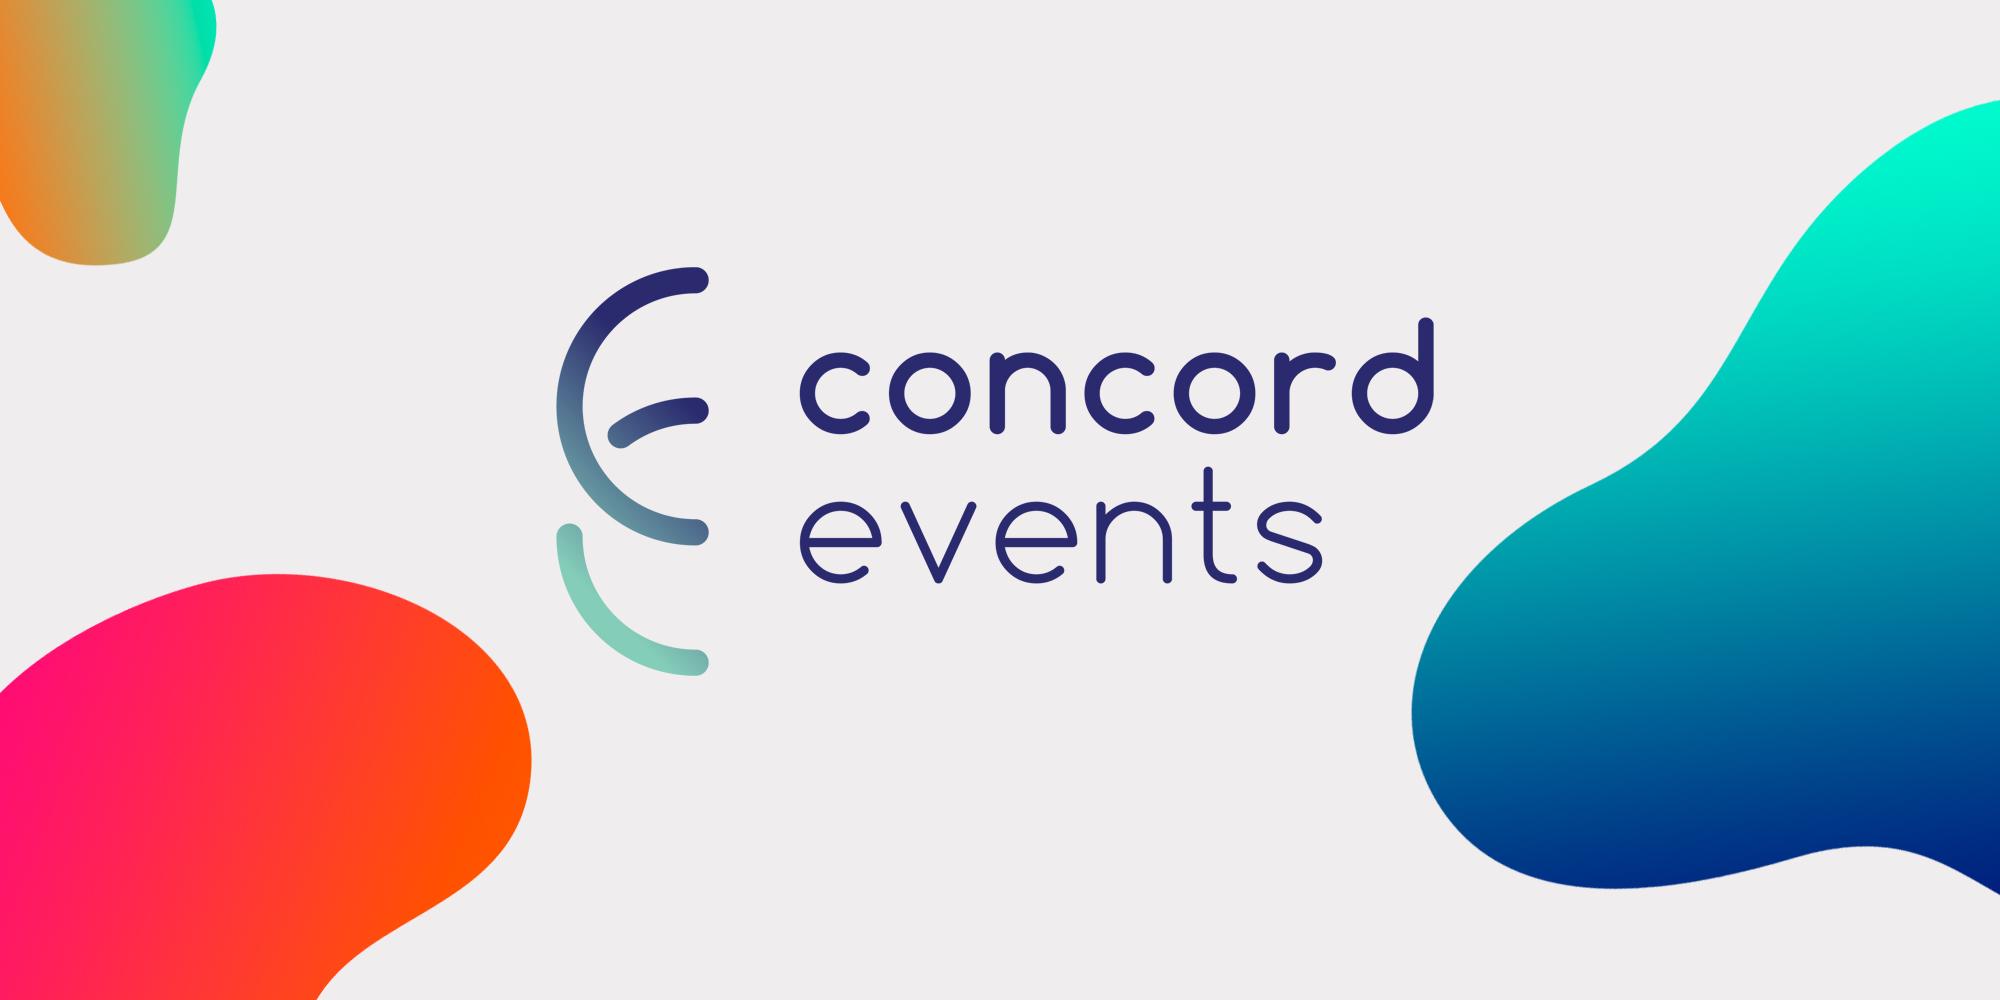 Concord Events